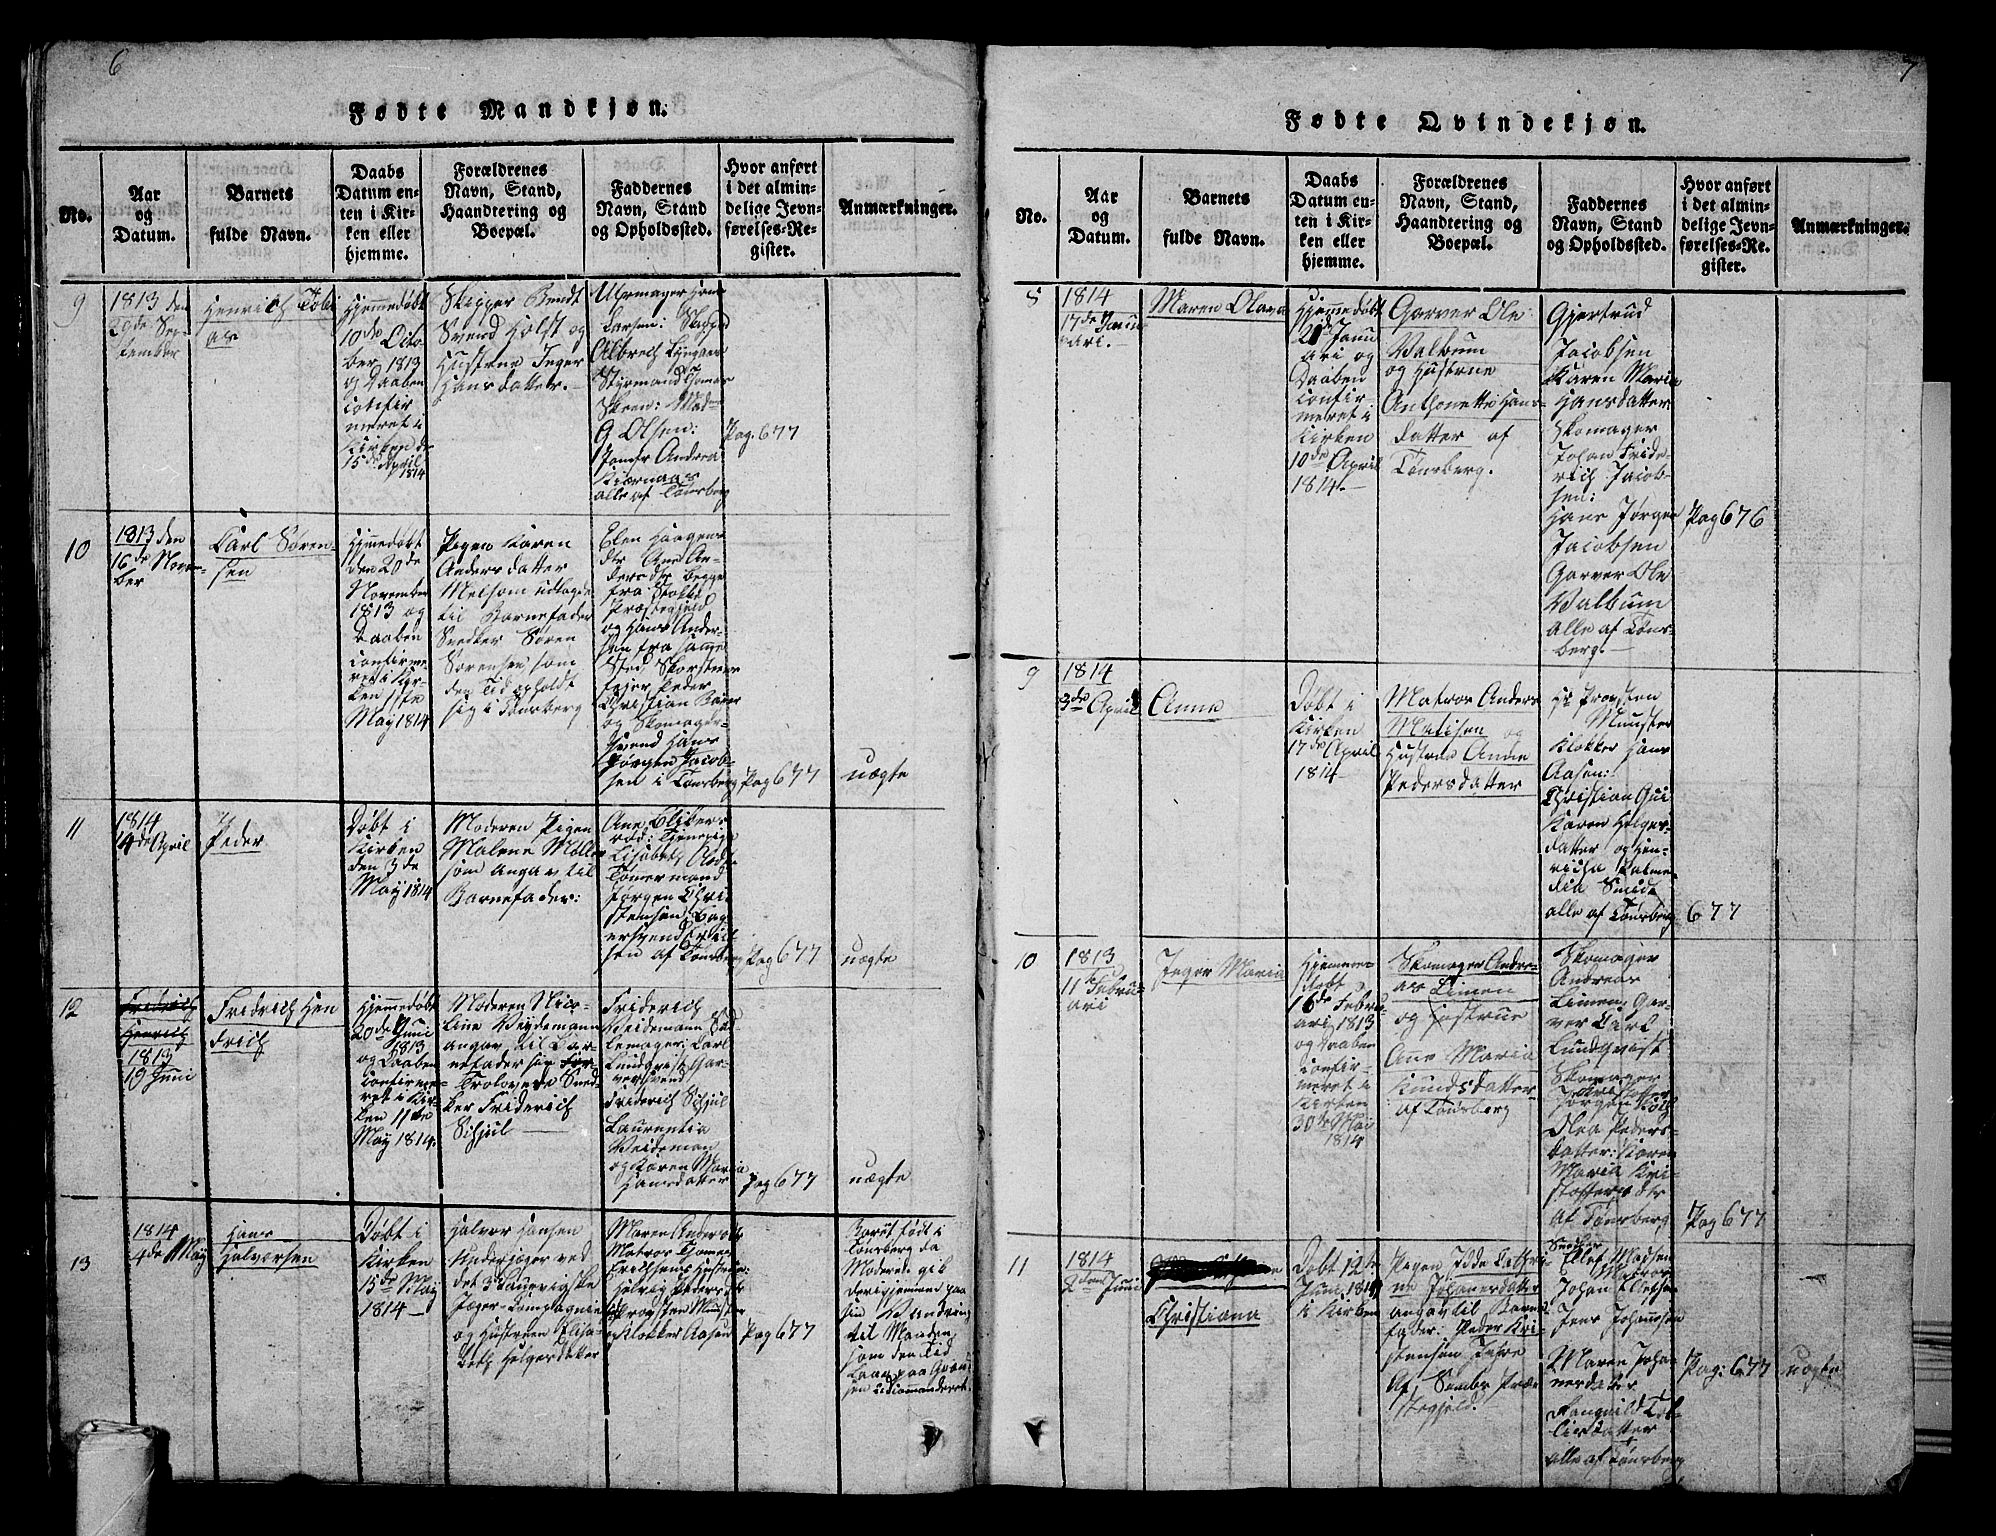 SAKO, Tønsberg kirkebøker, G/Ga/L0001: Klokkerbok nr. 1, 1813-1826, s. 6-7